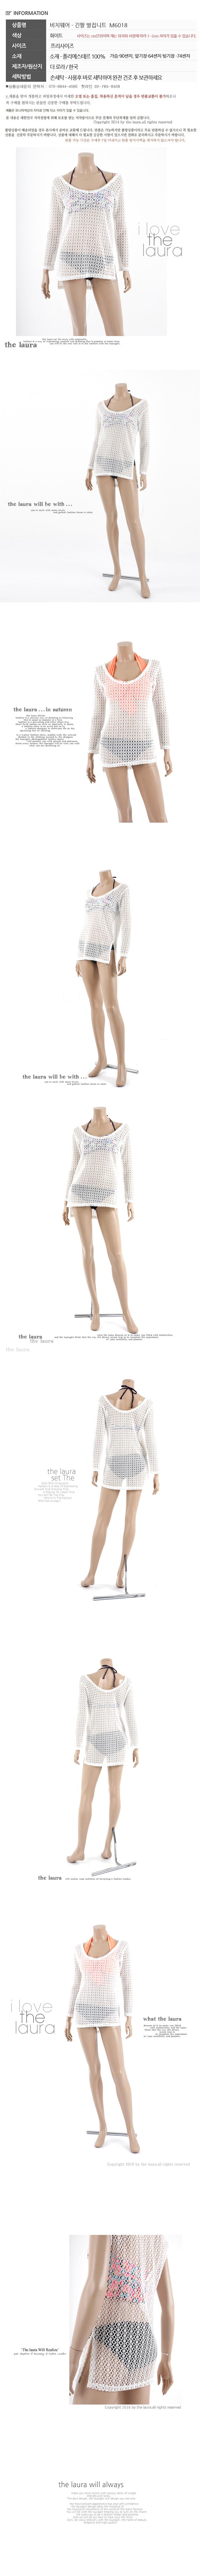 긴팔 커버업  - 벌집 니트 긴팔 M6018 - 비키로라, 32,500원, 여성비치웨어, 비키니